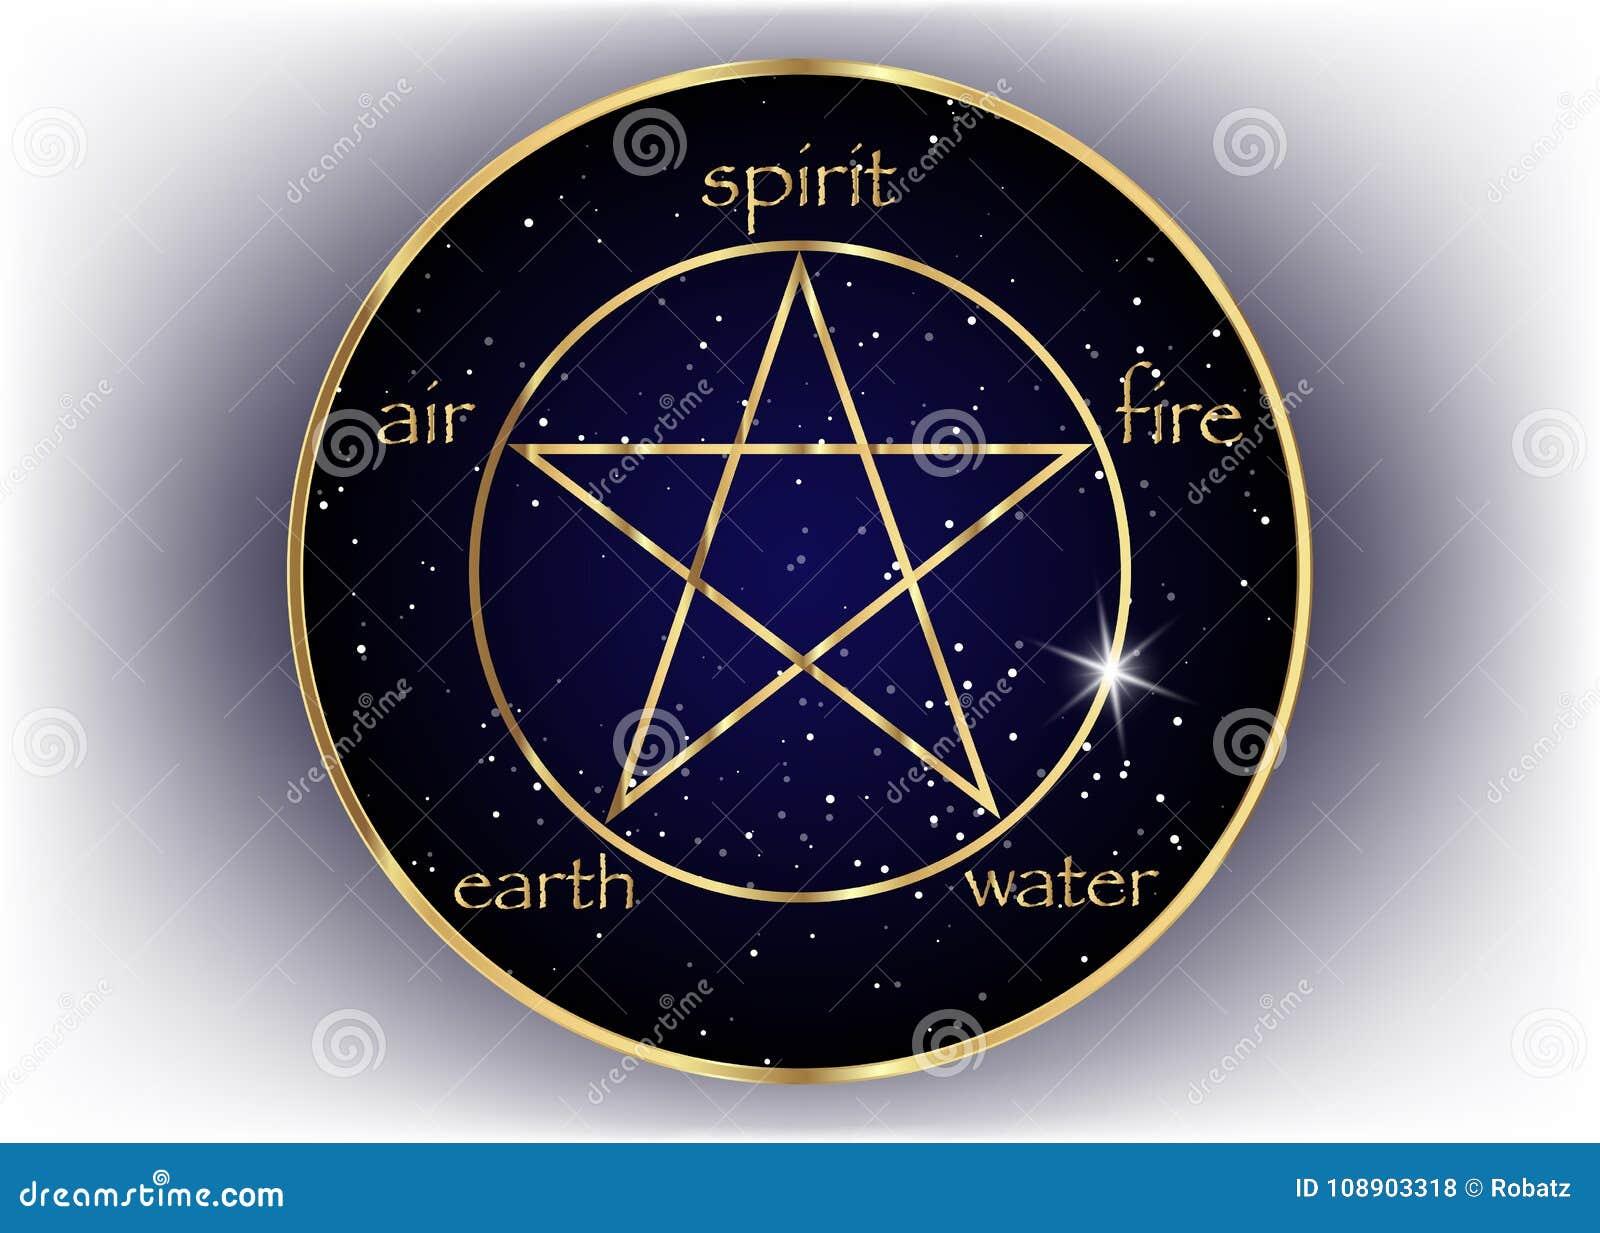 Złocista pentagram ikona z pięć elementami: Duch, powietrze, ziemia, ogień i woda, Złoty symbol alchemia i święta geometria